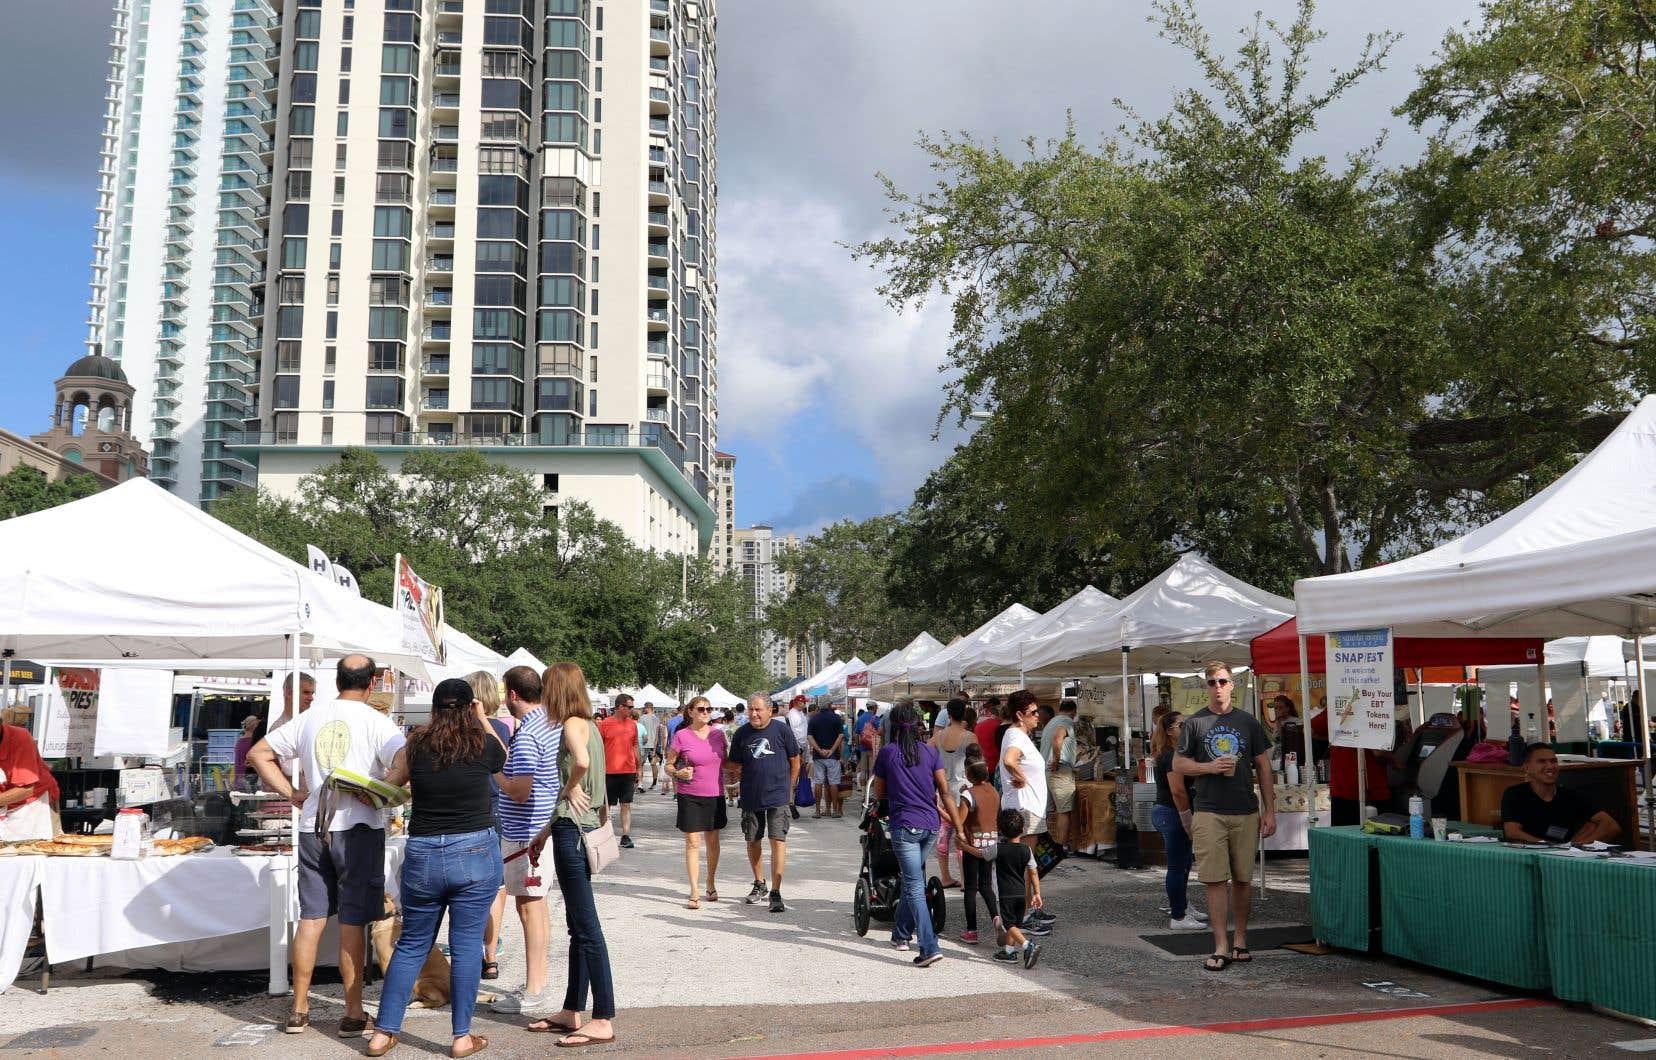 Le plus grand marché fermier à ciel ouvert de la Floride, le Saturday Market de St. Petersburg.